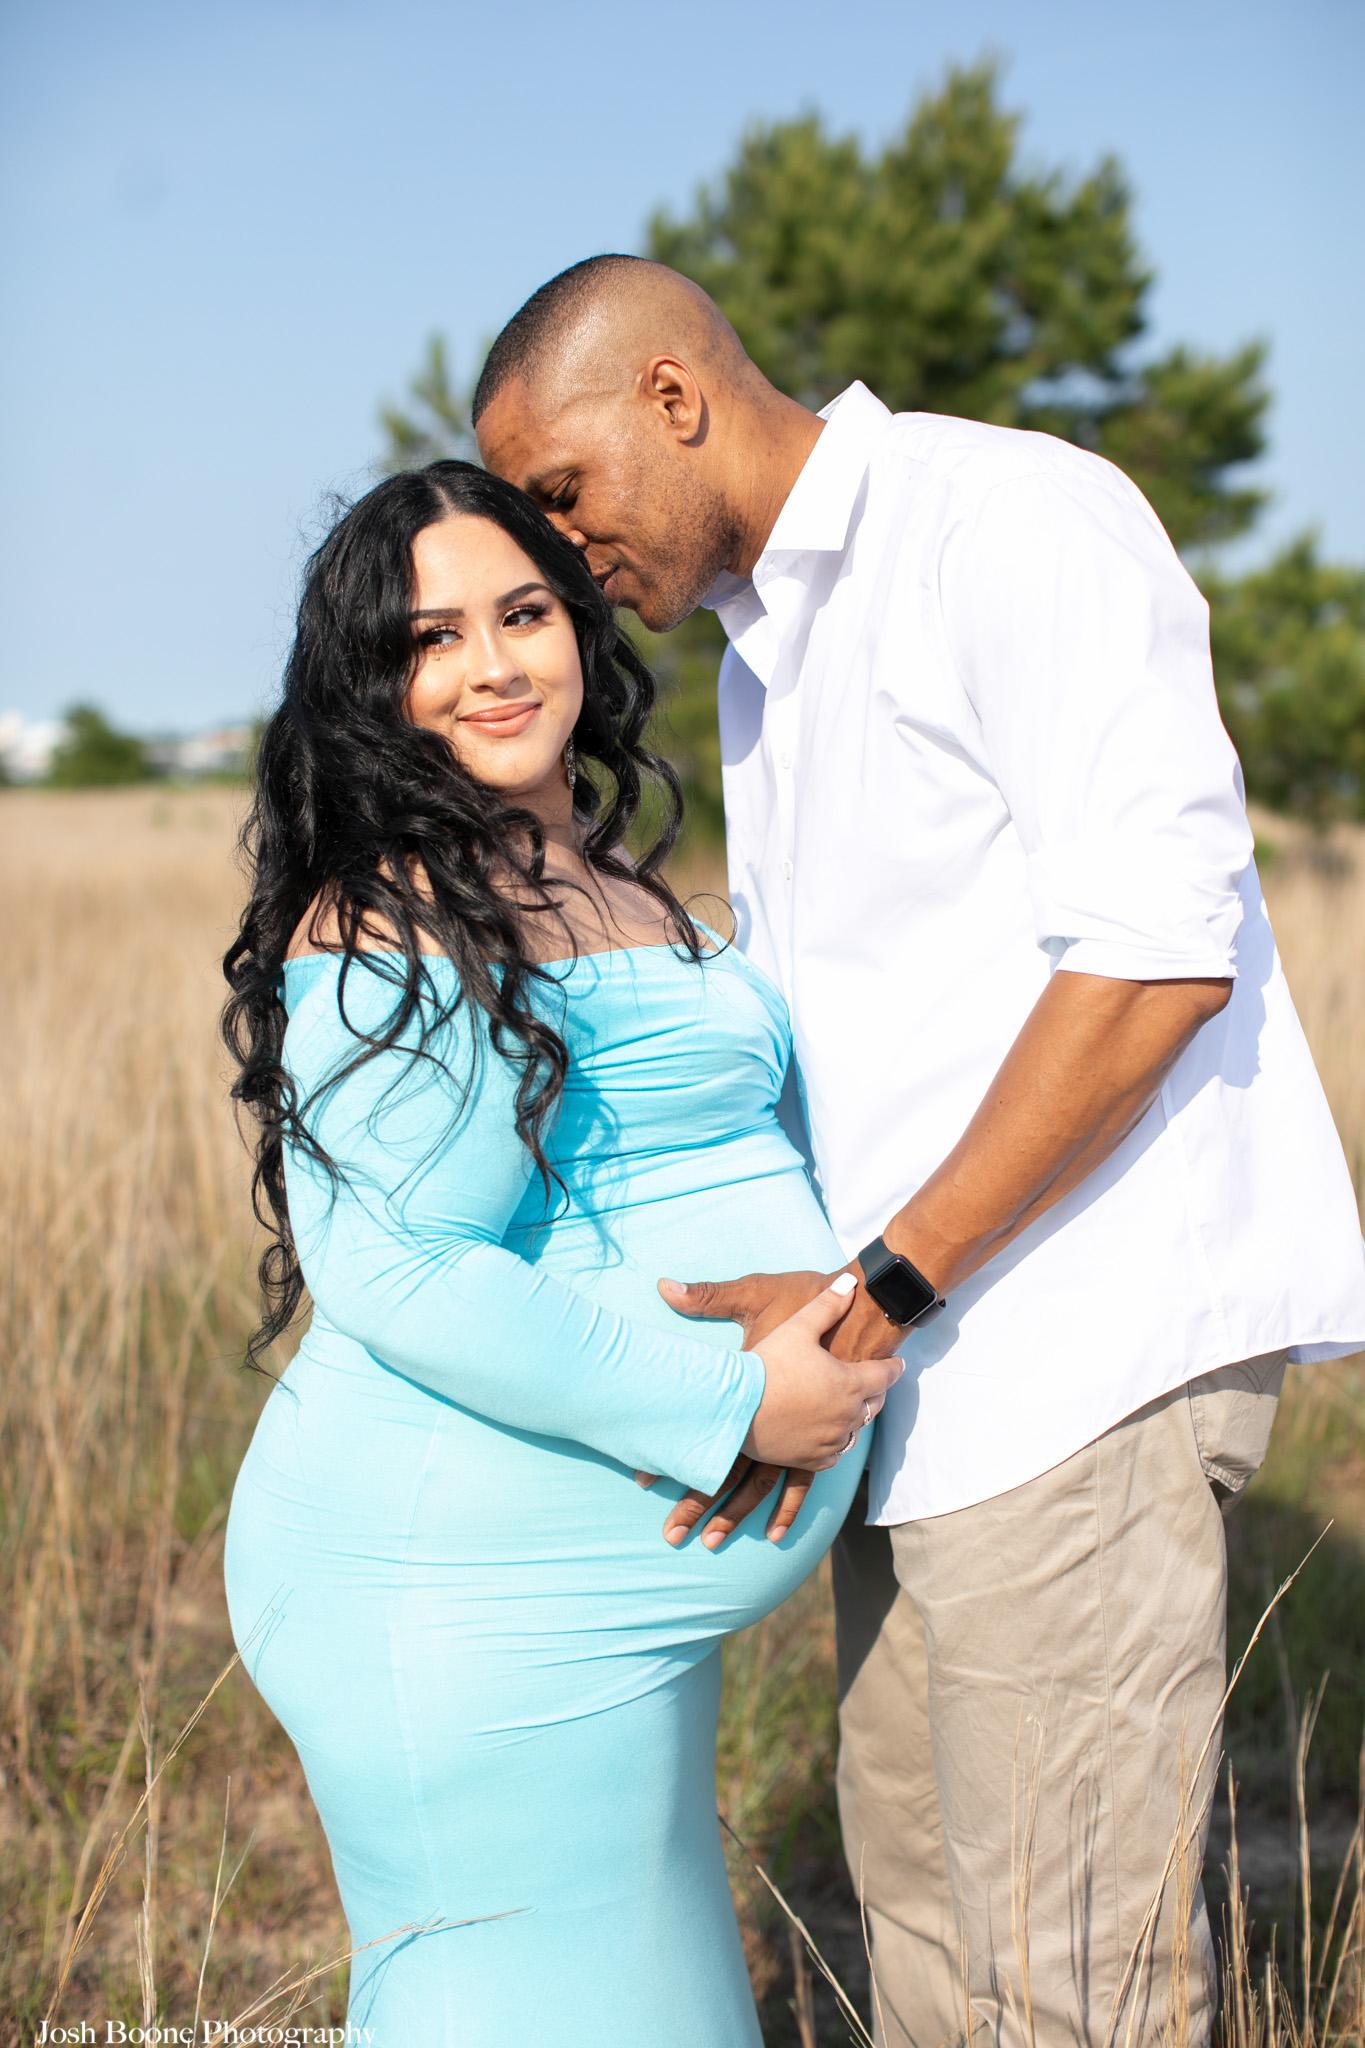 pleasure_house_point_maternity_photos-3.jpg